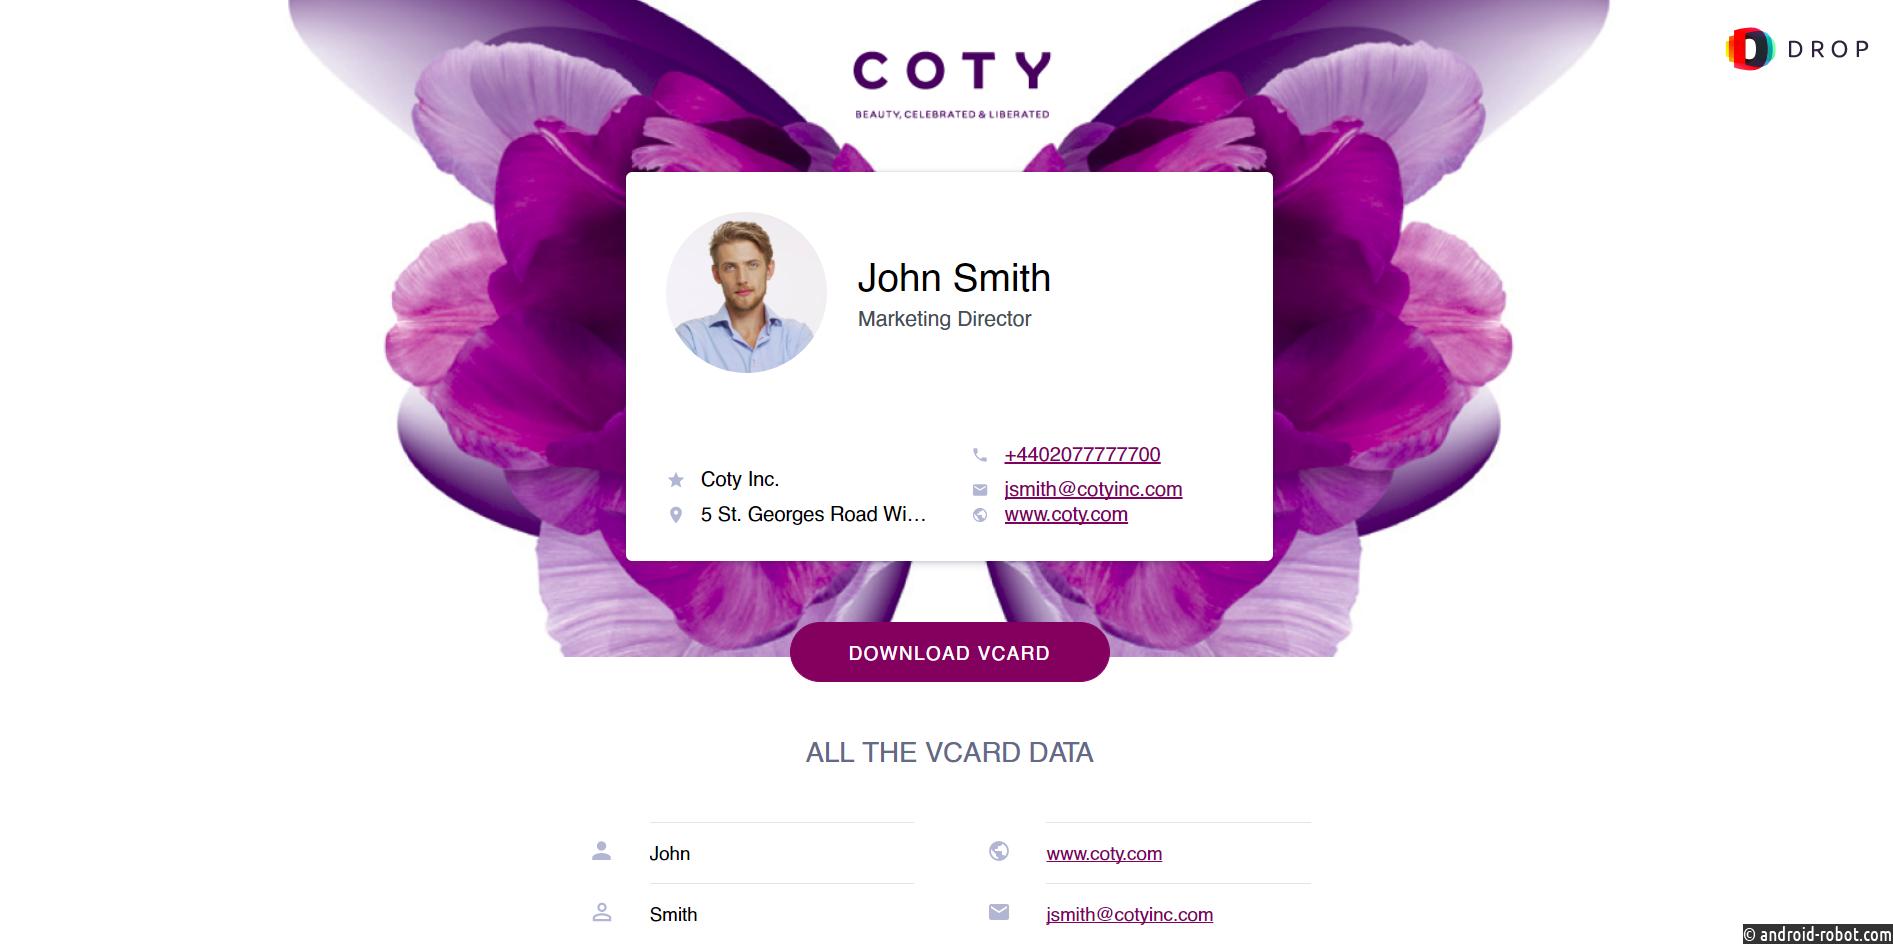 Российское подразделение компании Coty Inc. объявило о полномасштабном внедрении системы электронных визиток на базе платформы DROP